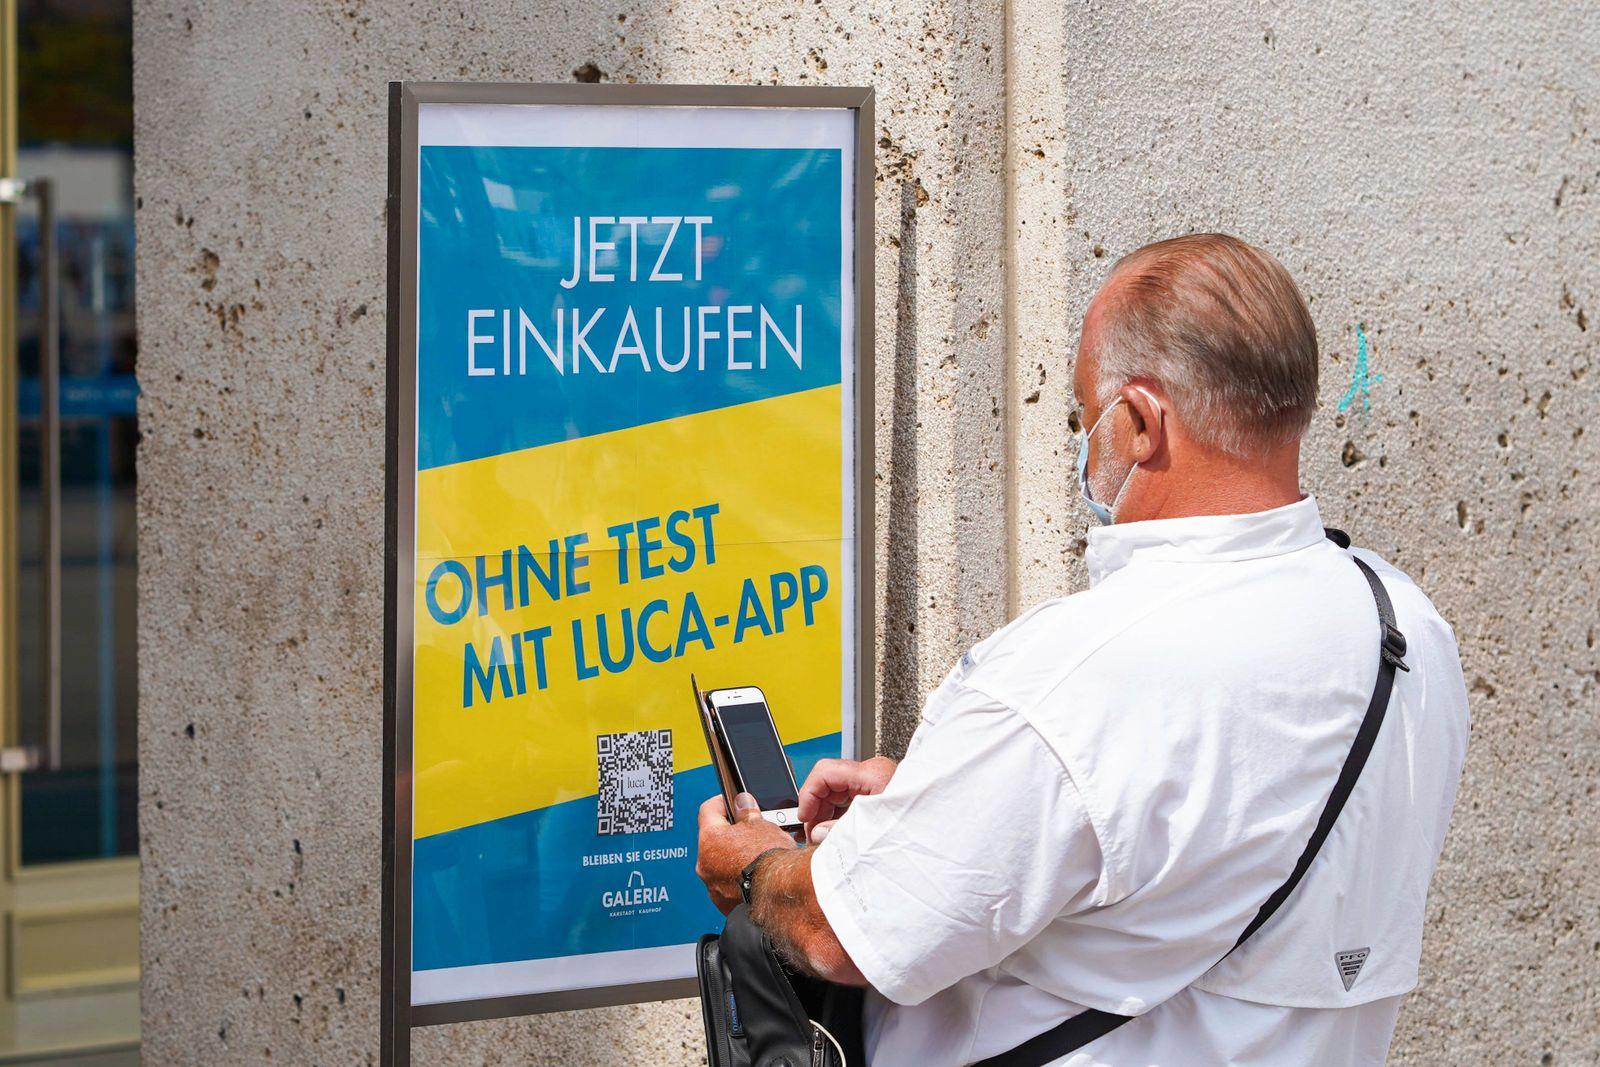 04.06.2021,Berlin,Deutschland,GER,Kaufhof am Alexanderplatz.Jetzt einkaufen Ohne Test mit Luca-App *** 04 06 2021,Berlin